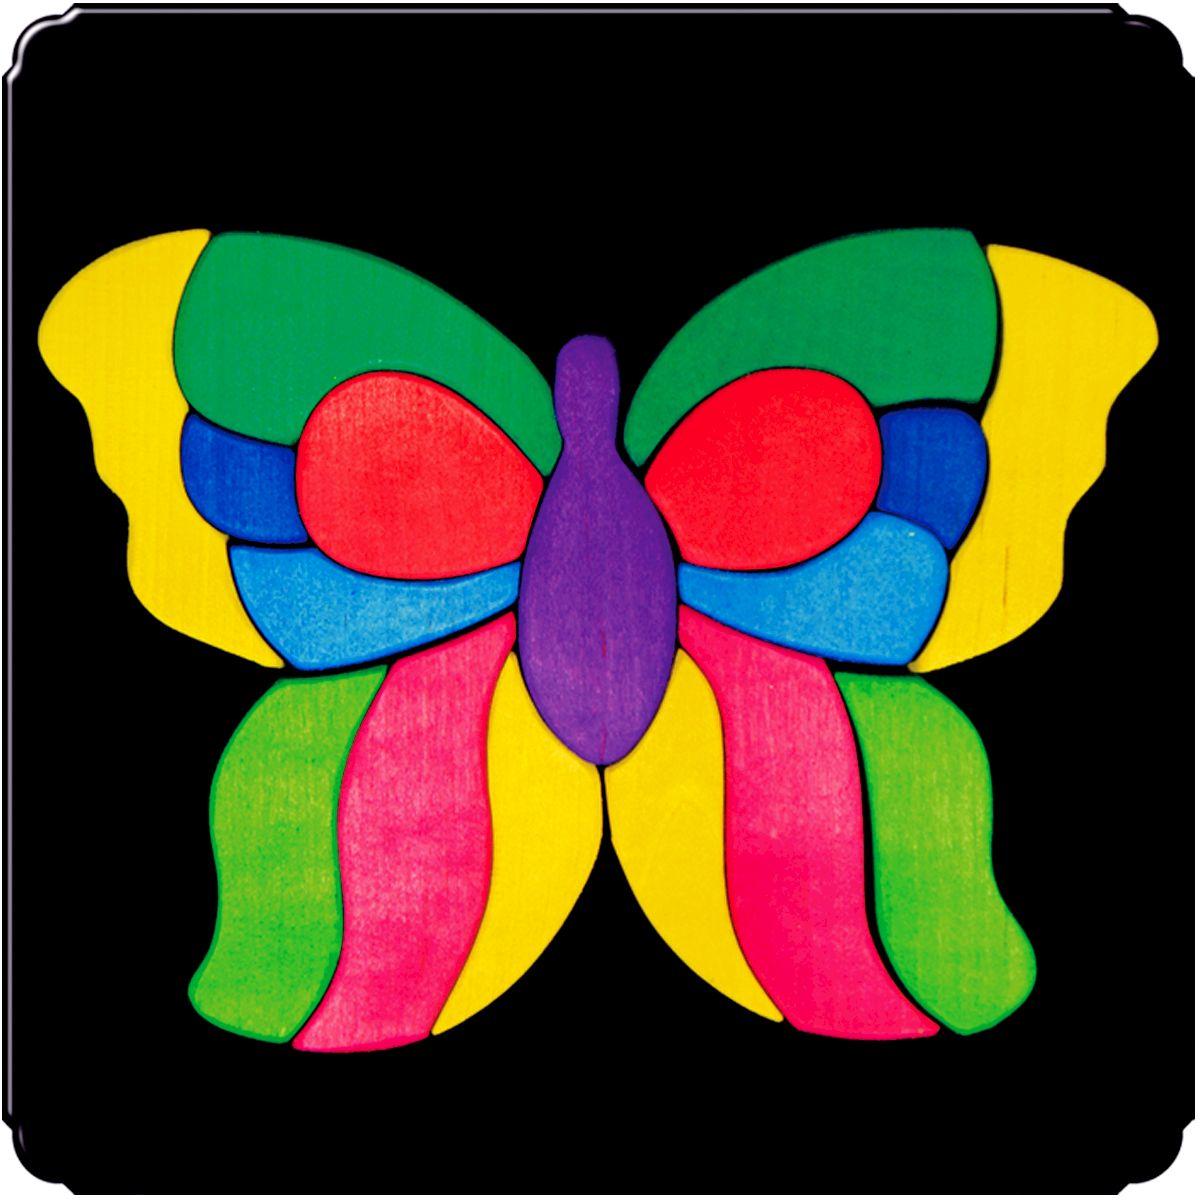 Деревяшкино Пазл для малышей Бабочка Лайф101Красочная игрушка-головоломка из натурального дерева на магнитной доске. Незаменима в машине, поездке – в любом месте, где Вашему малышу удобно играть. Удивительный мир ярких красок и фантазий везде с Вами! Каждая деталька мозаики крепко держится на магнитной доске. Ваш юный фантазер сможет не только решить сложную задачу: собрать головоломку как на картинке, но и, используя фантазию, сможет создать уникальные и неповторимые композиции. Объединяйте несколько наборов – будет интереснее! Все детали выполнены из натурального дерева, окрашены безопасной пищевой краской. Деревянные игрушки дают возможность ощутить структуру, плотность, вес, запах материала. Ребенок получает правдивую информацию об окружающем мире. Развивает: мелкую моторику, абстрактное и логическое мышление, понимание цветов, геометрических форм. Методические рекомендации: объясните малышу почему детальки держатся на доске. Объясните как правильно собрать мозаику, но не помогайте в трудных местах. Попросите ребенка...